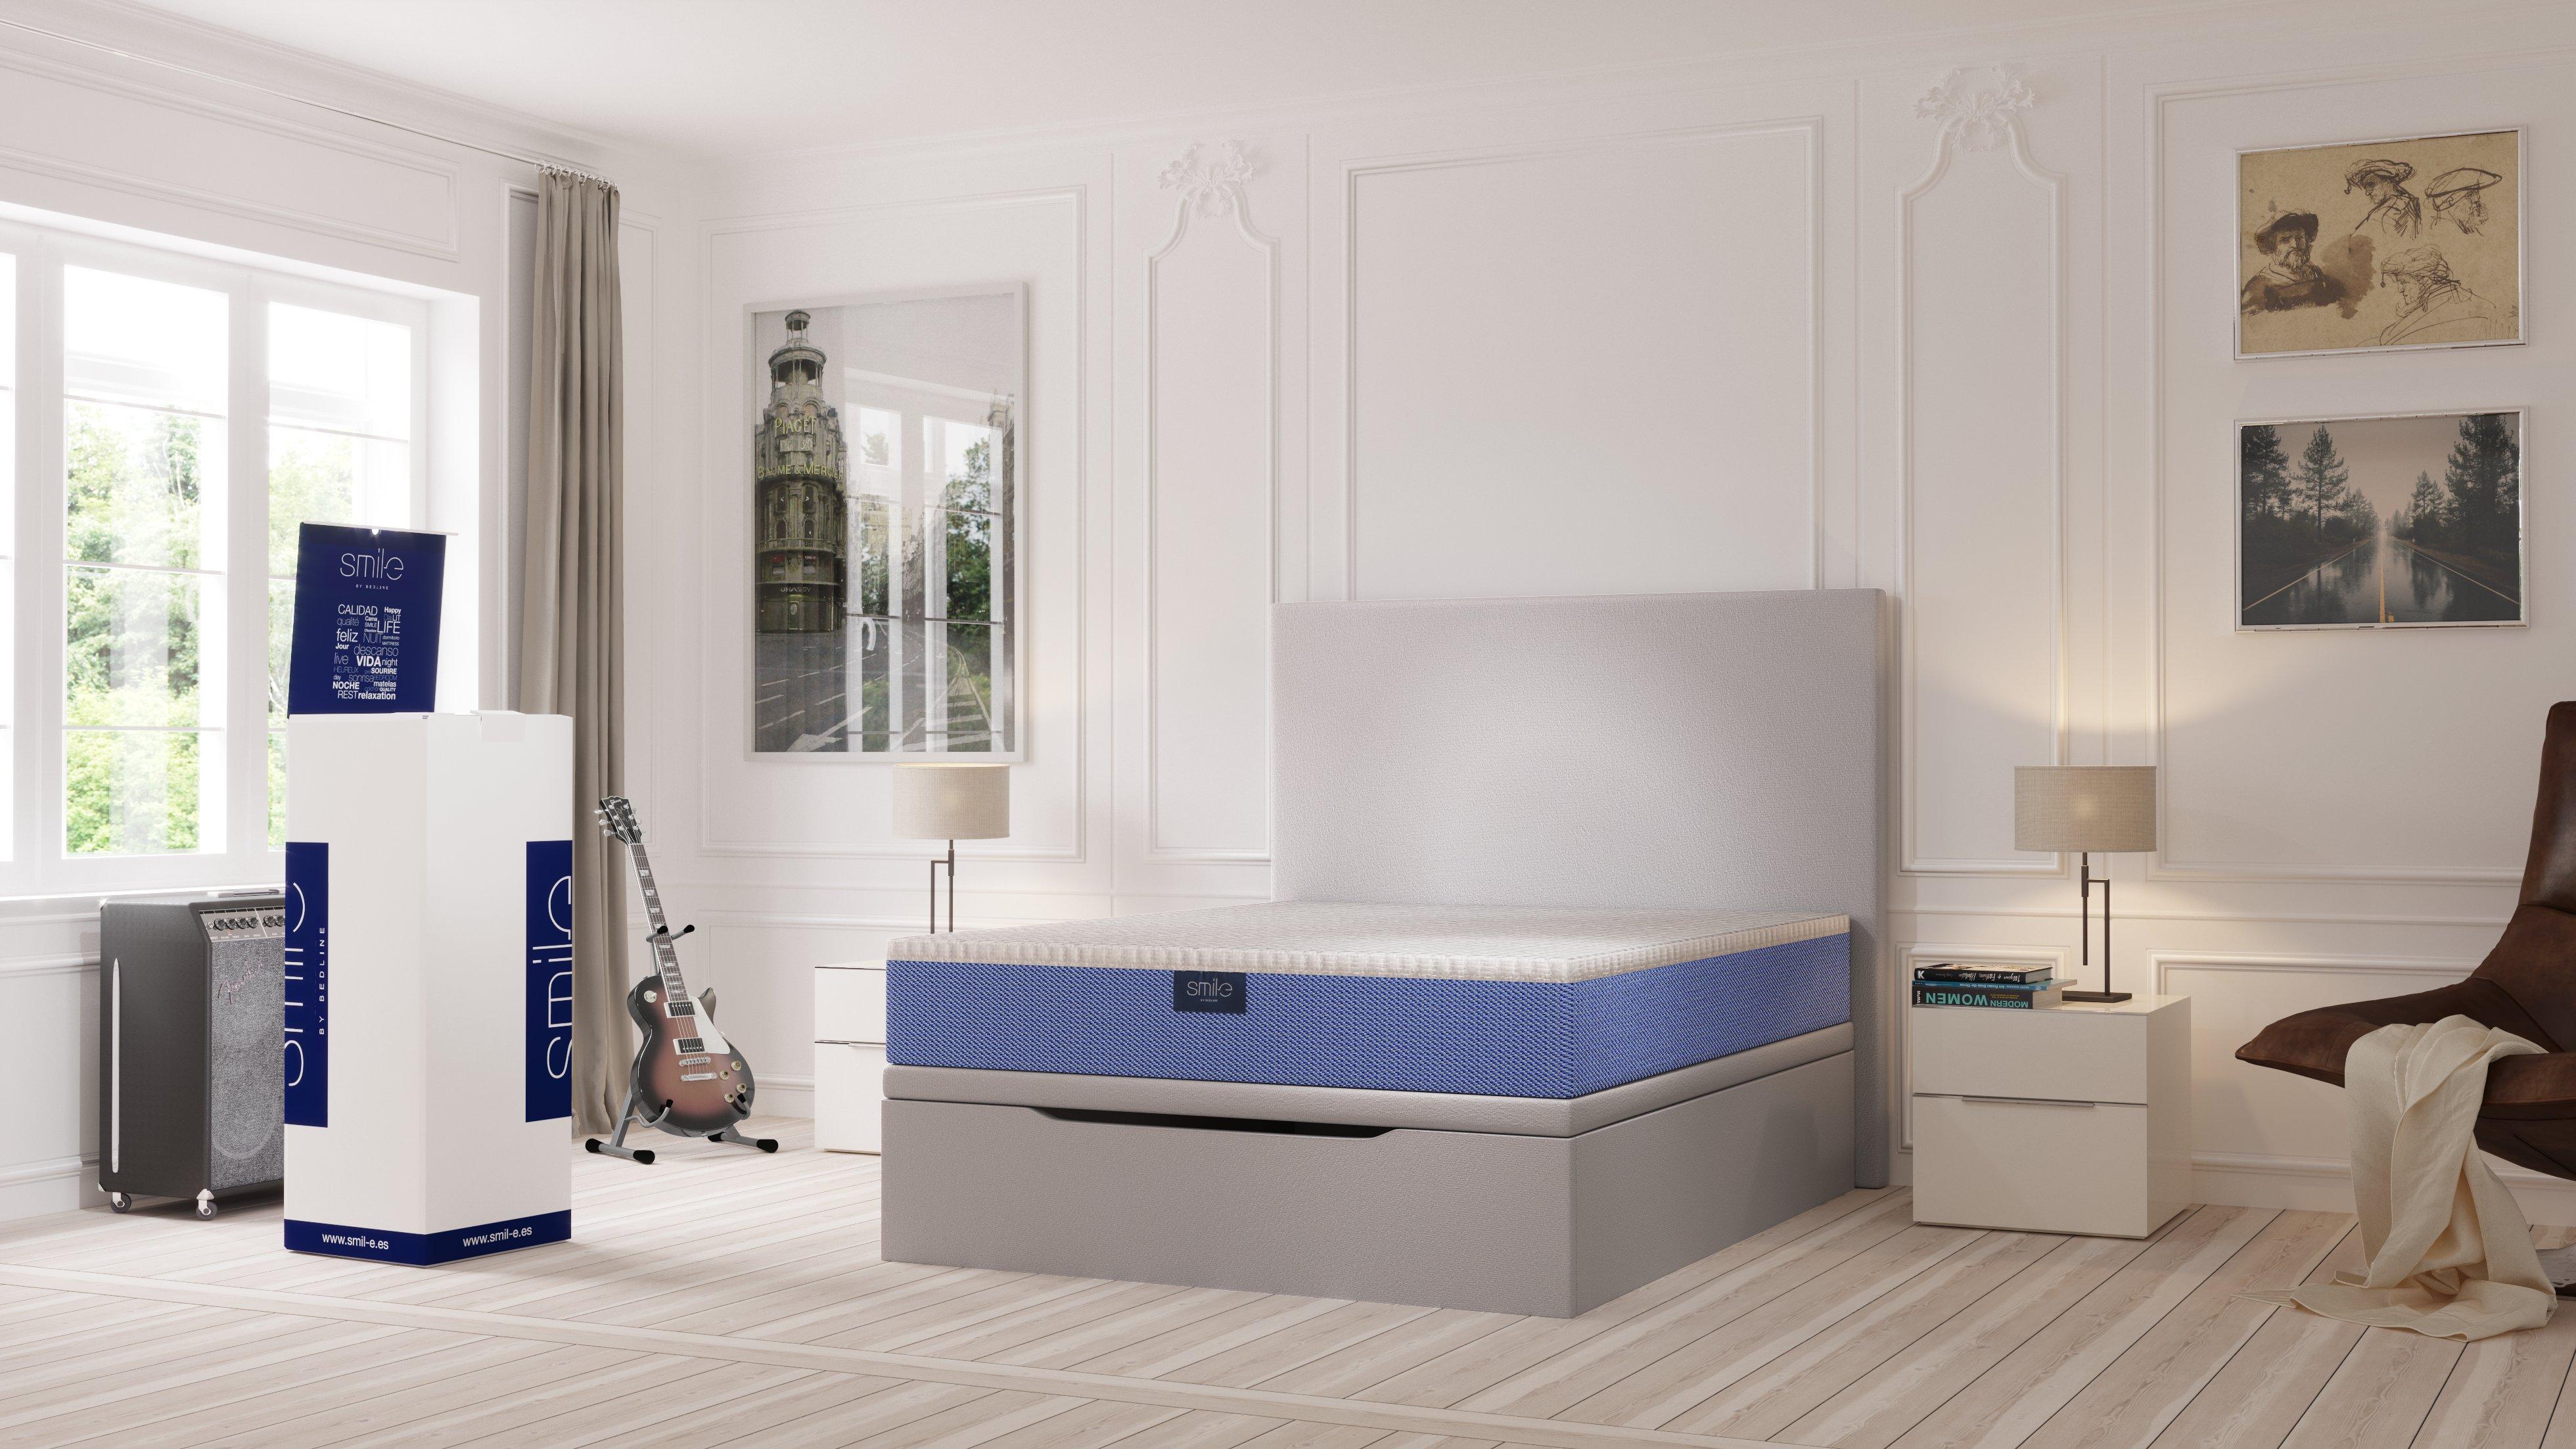 muebles 3D ambiente dormitorio